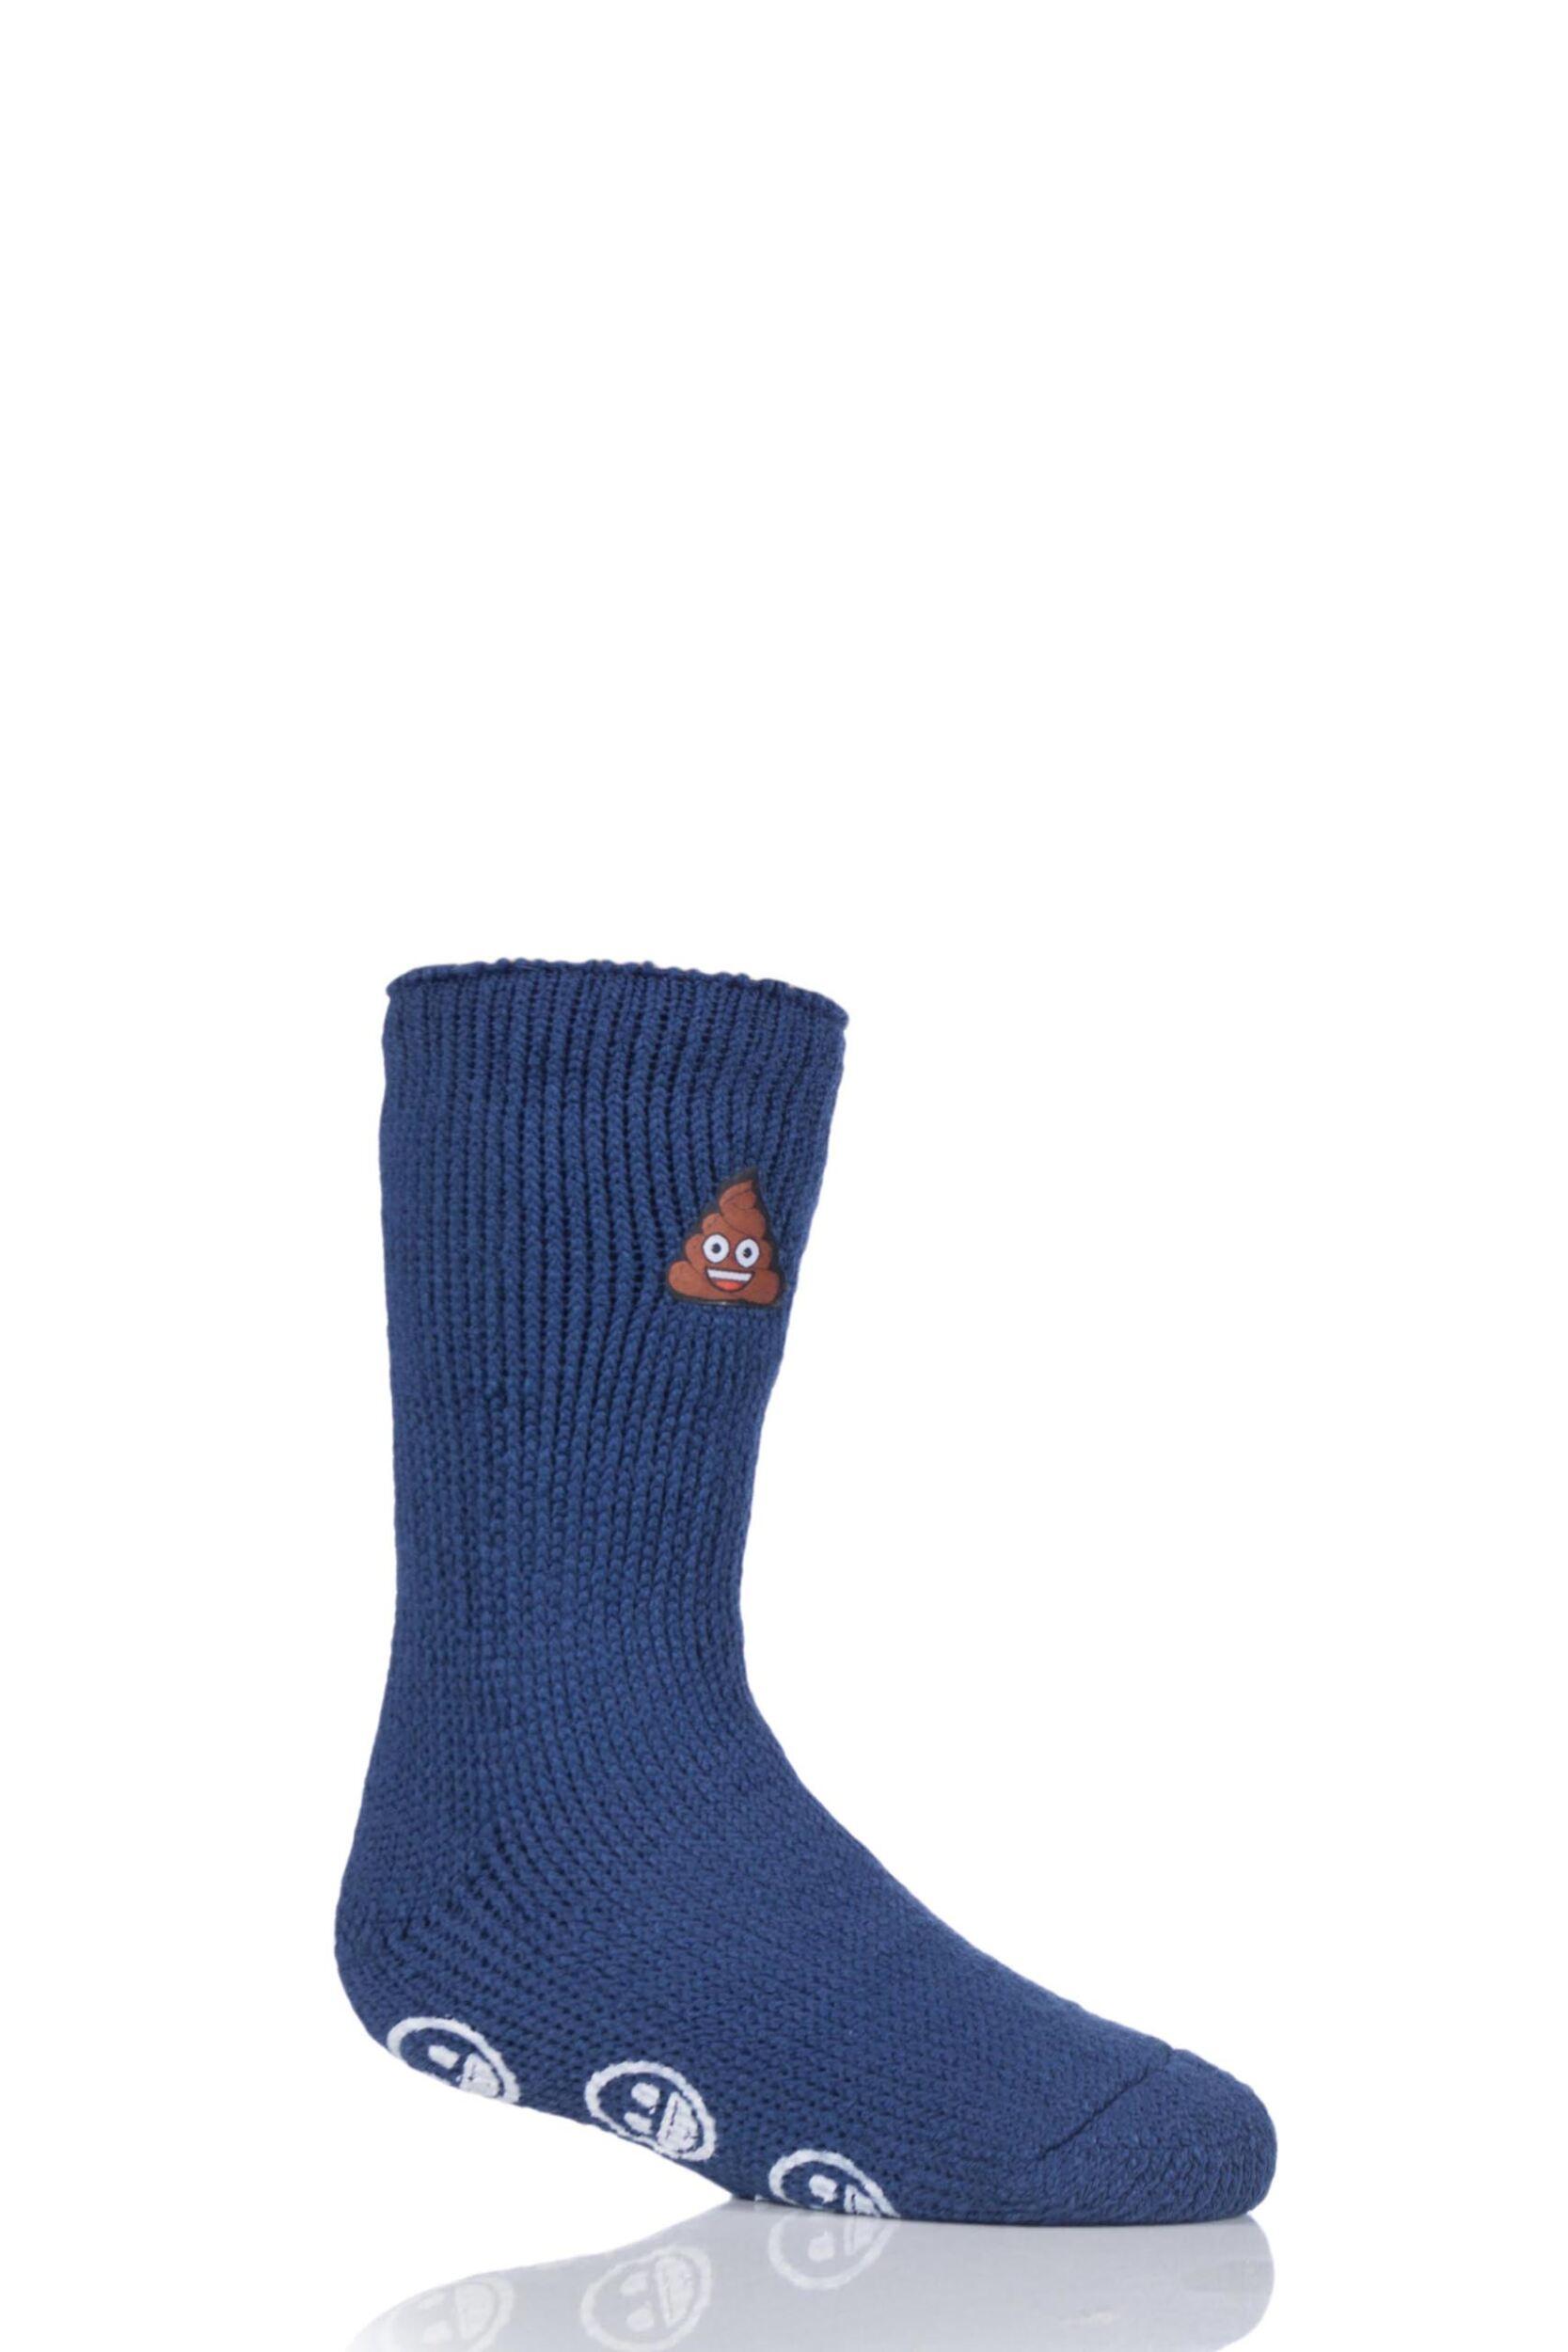 Image of 1 Pair Blue Emoji Poo Face Slipper Socks Kids Unisex 12.5-3.5 Kids (8-12 Years) - Heat Holders